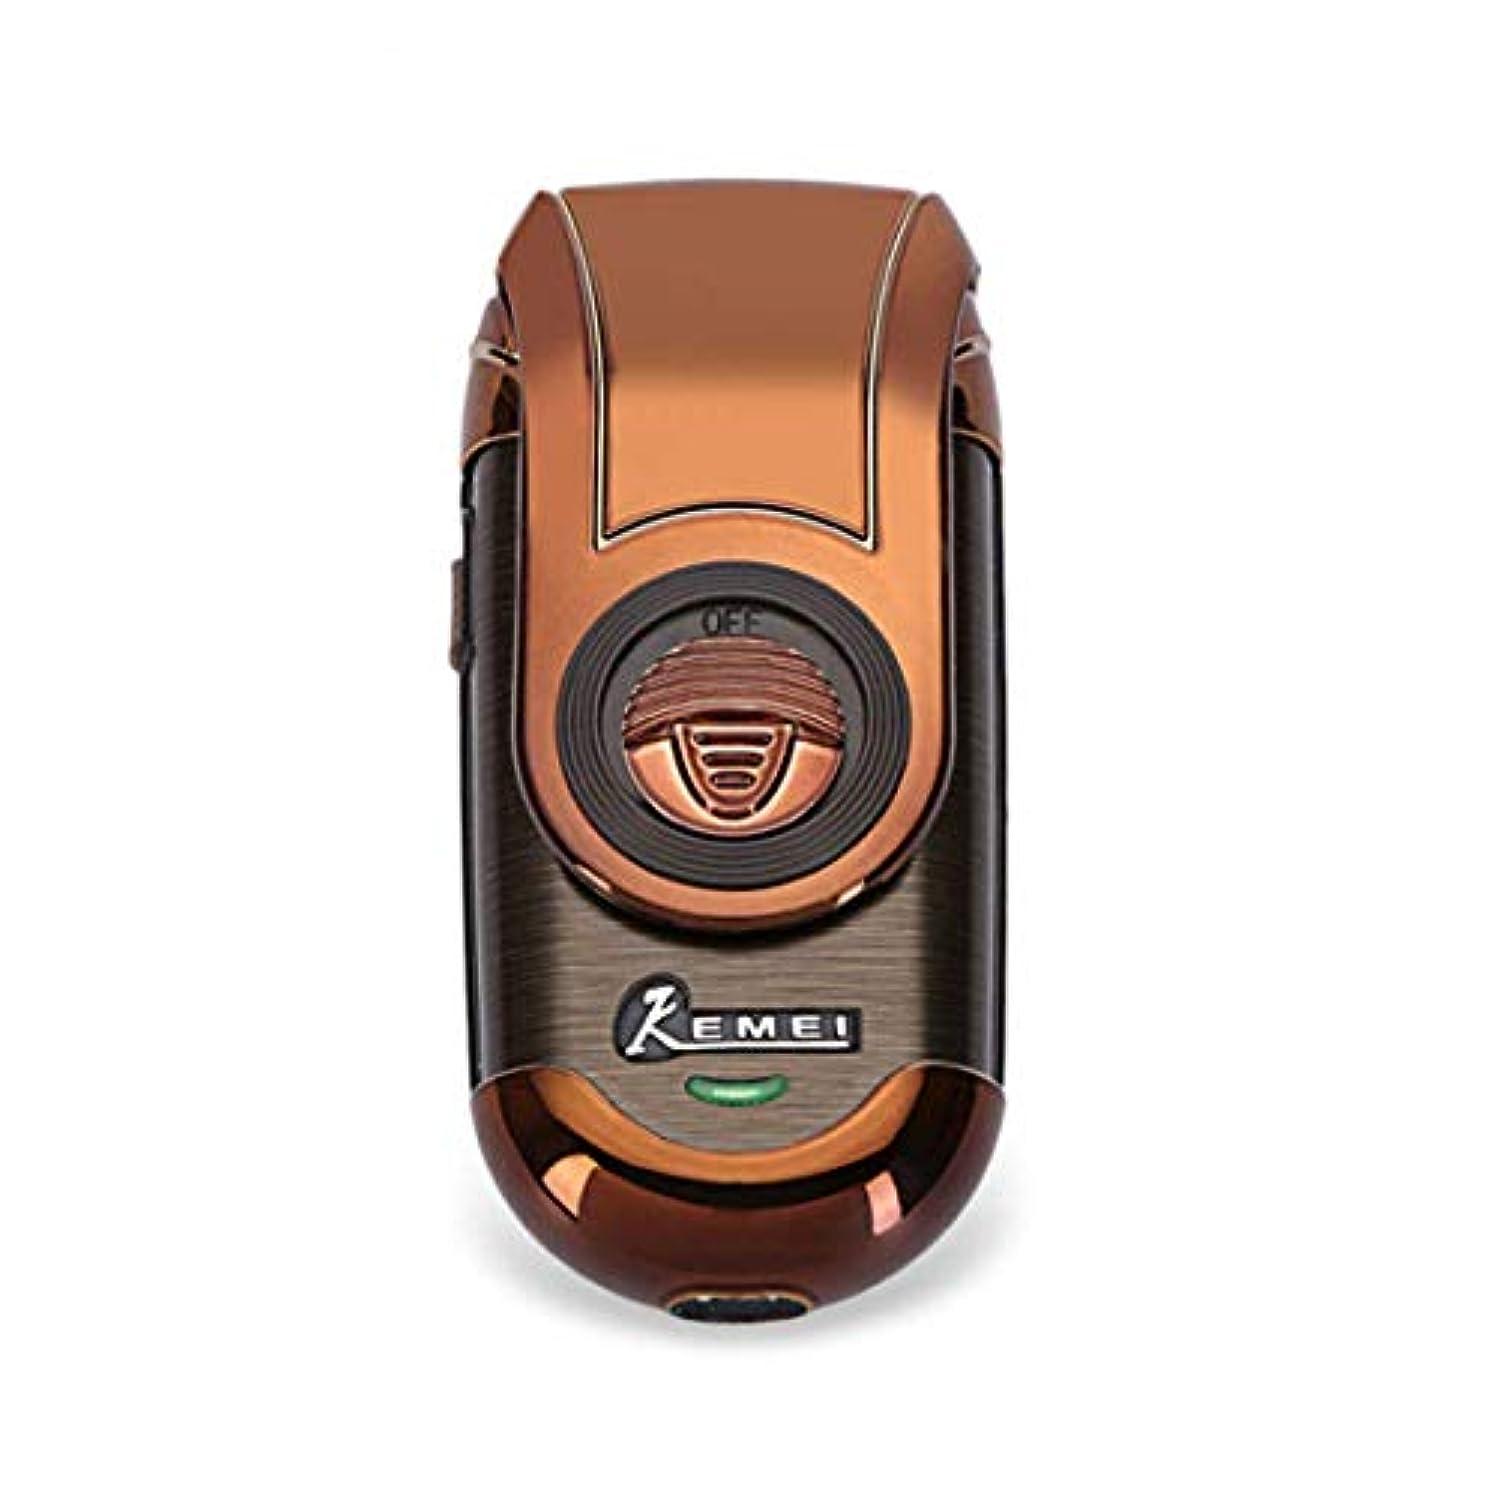 著作権アンソロジー壮大再充電可能な電気かみそりコードレスひげトリマー3D浮遊刃ホイル旅行シェーバー、ポップアップトリマーを往復させる人の小型携帯用電気かみそり